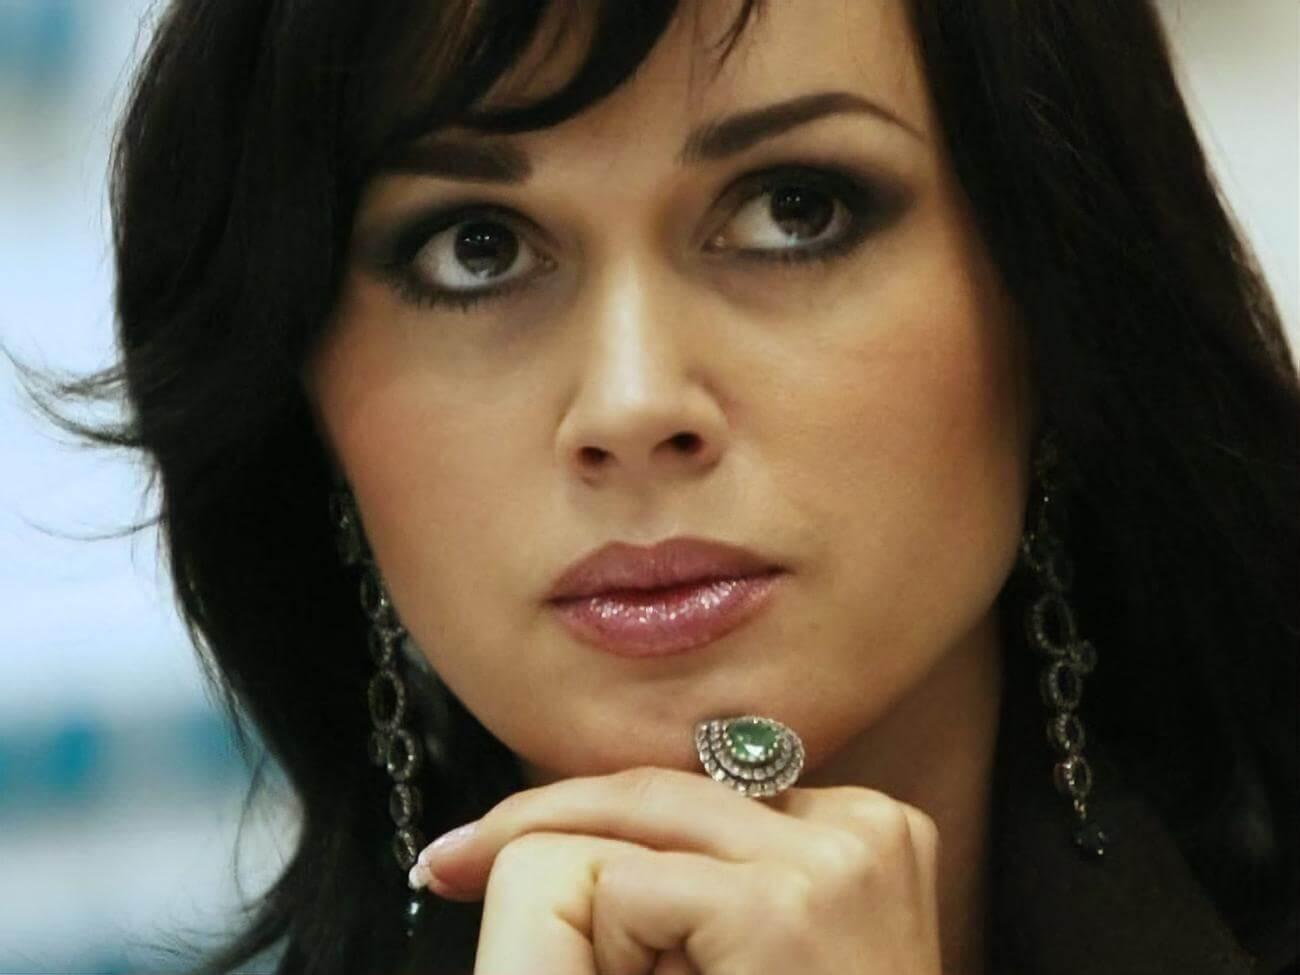 Анастасия Заворотнюк — честная информация об артистке на 2 декабря 2019 года